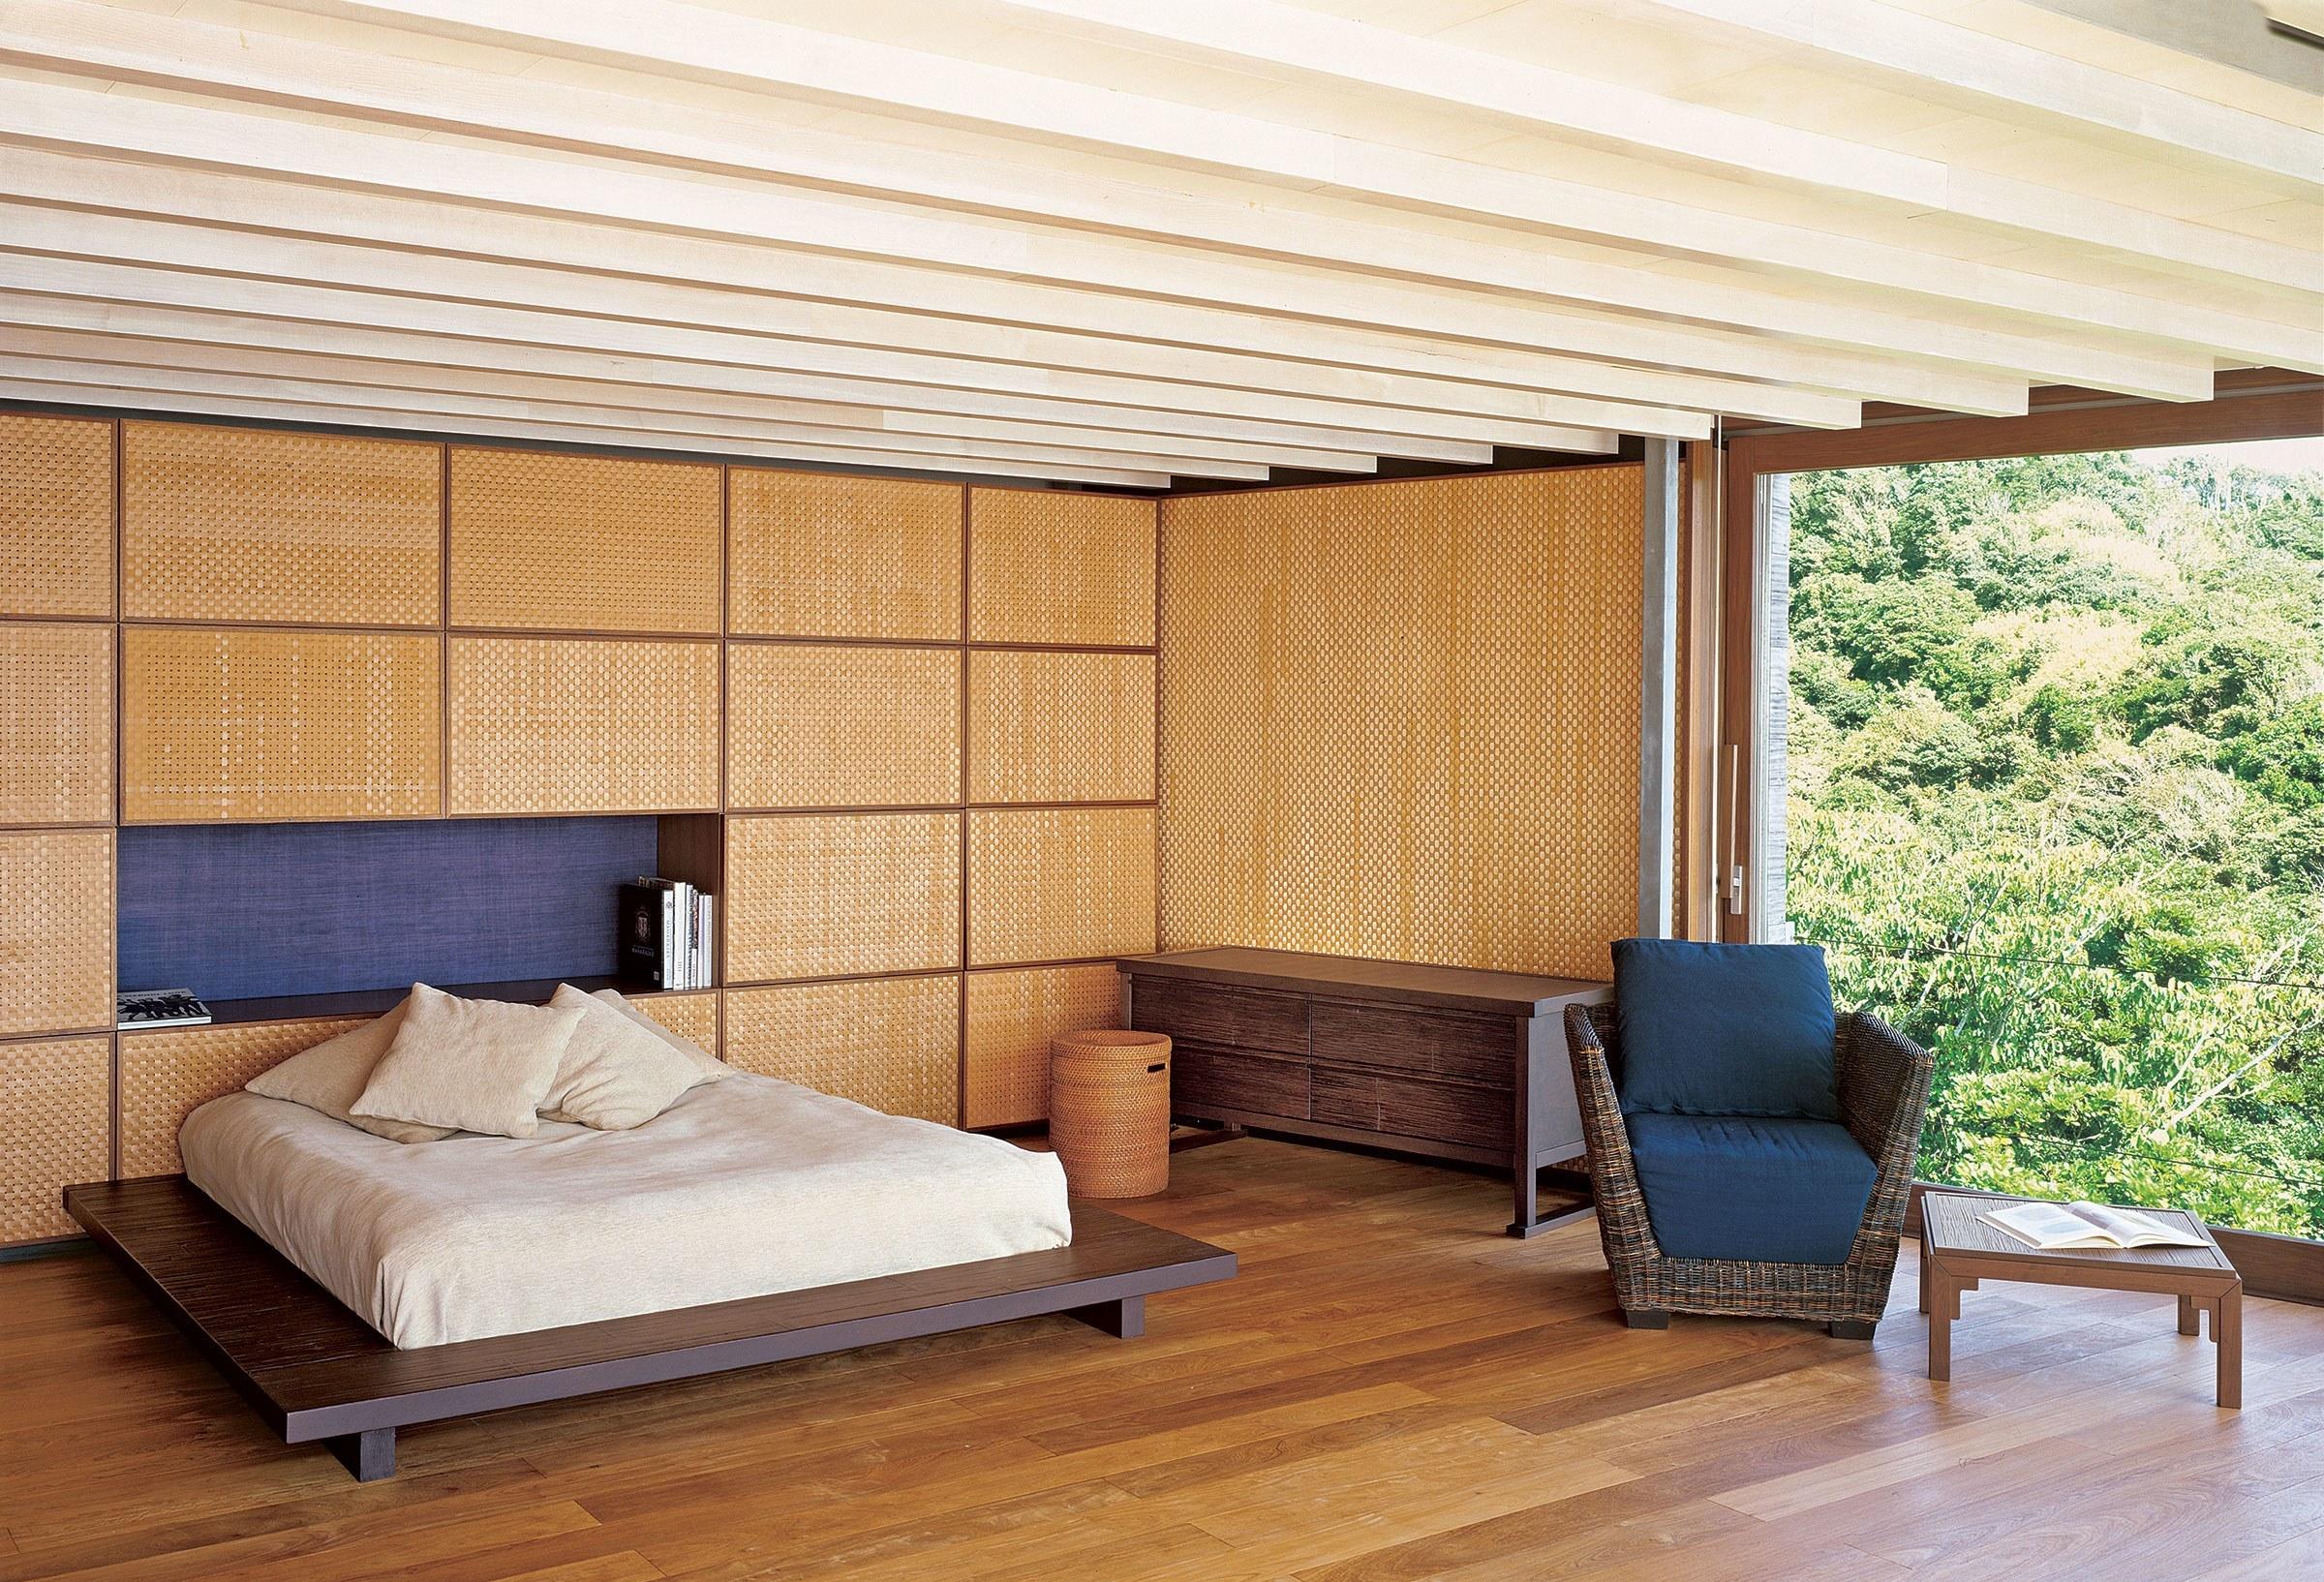 8 Desain Ala Rumah Jepang Yang Super Sejuk